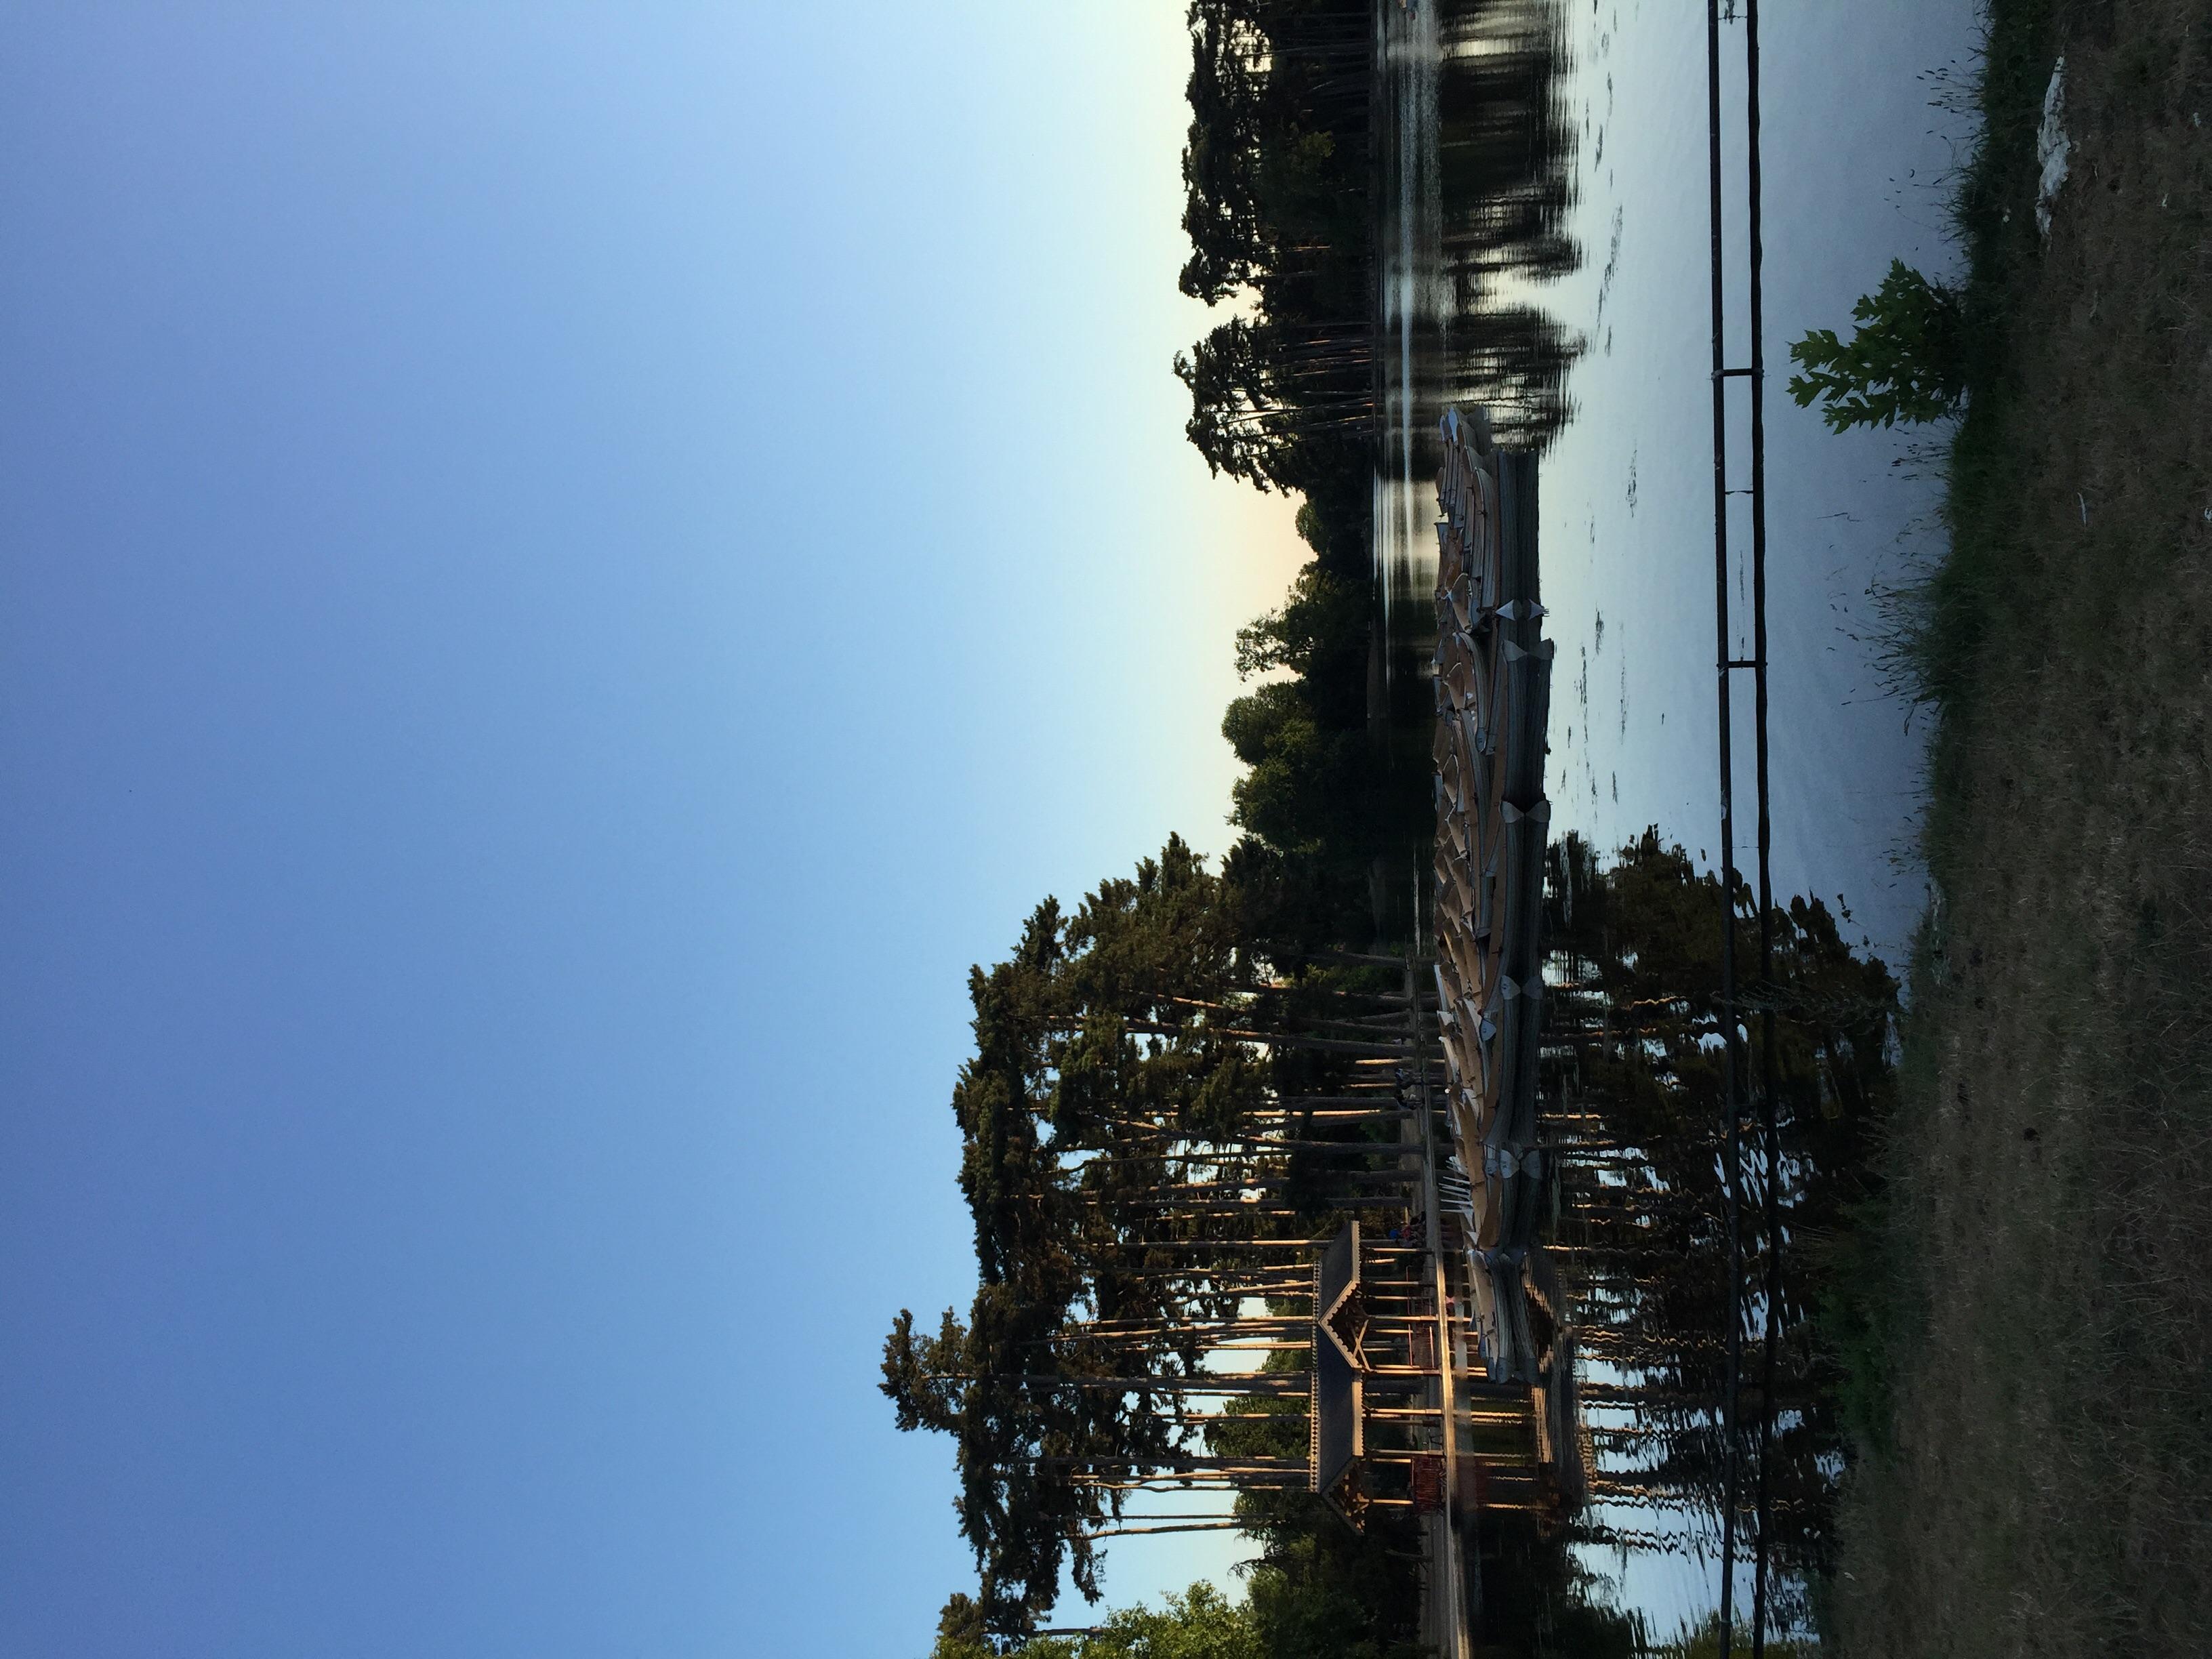 Ahhh, Paris. Wait, what? Yea, Paris has a beautiful park called Bois de Boulogne. You have to check it out if you visit.